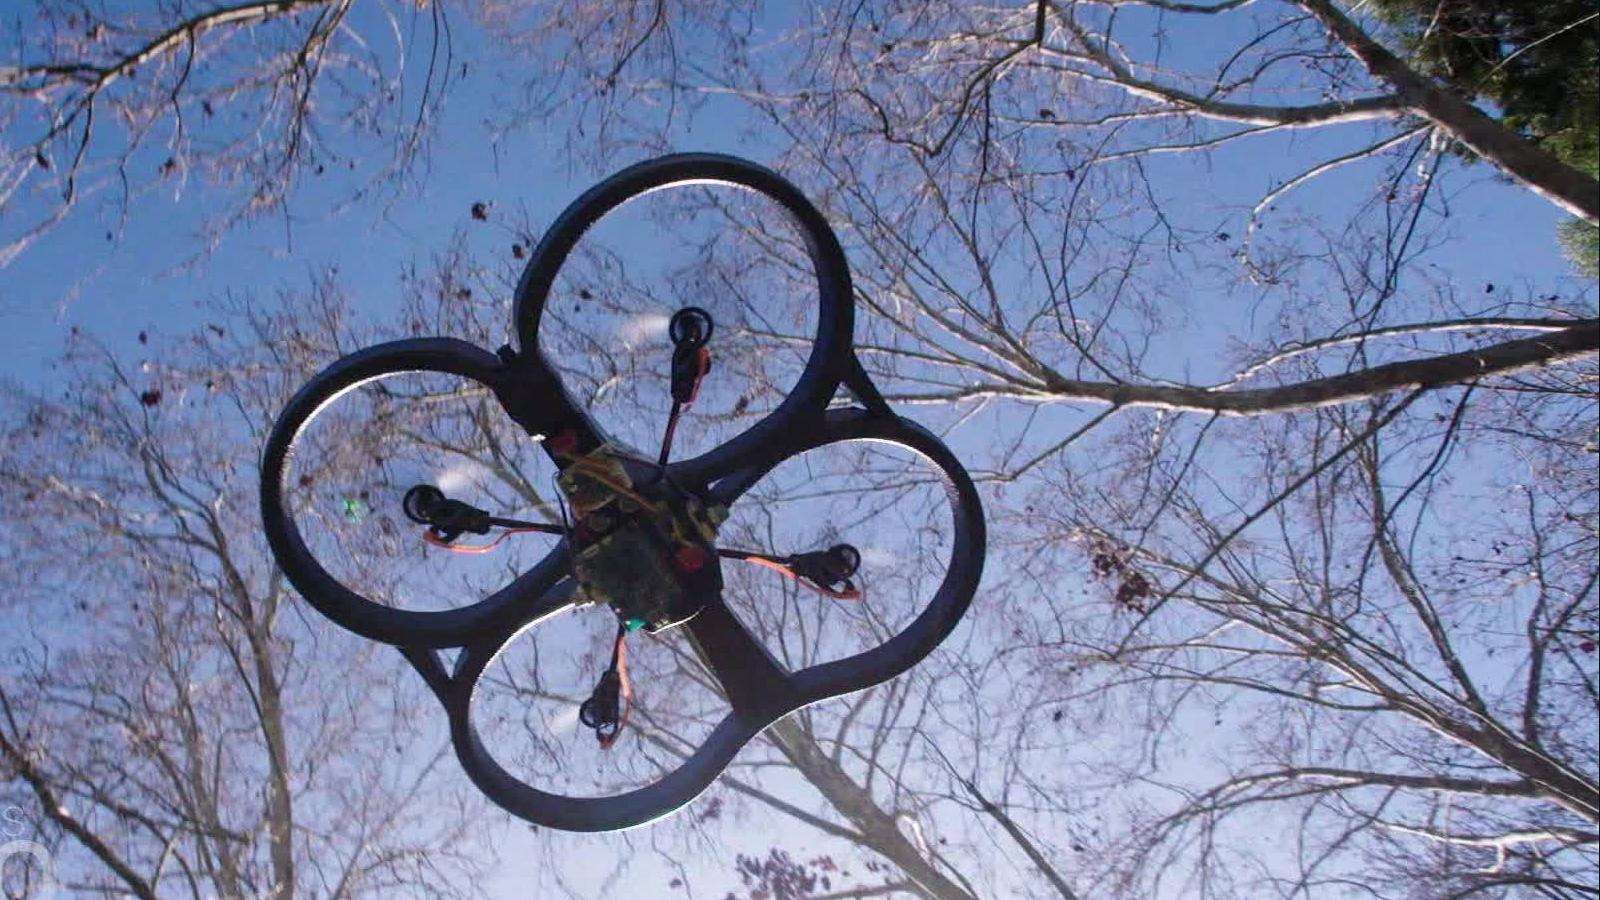 Los drones ya tienen permiso para volar en EE.UU